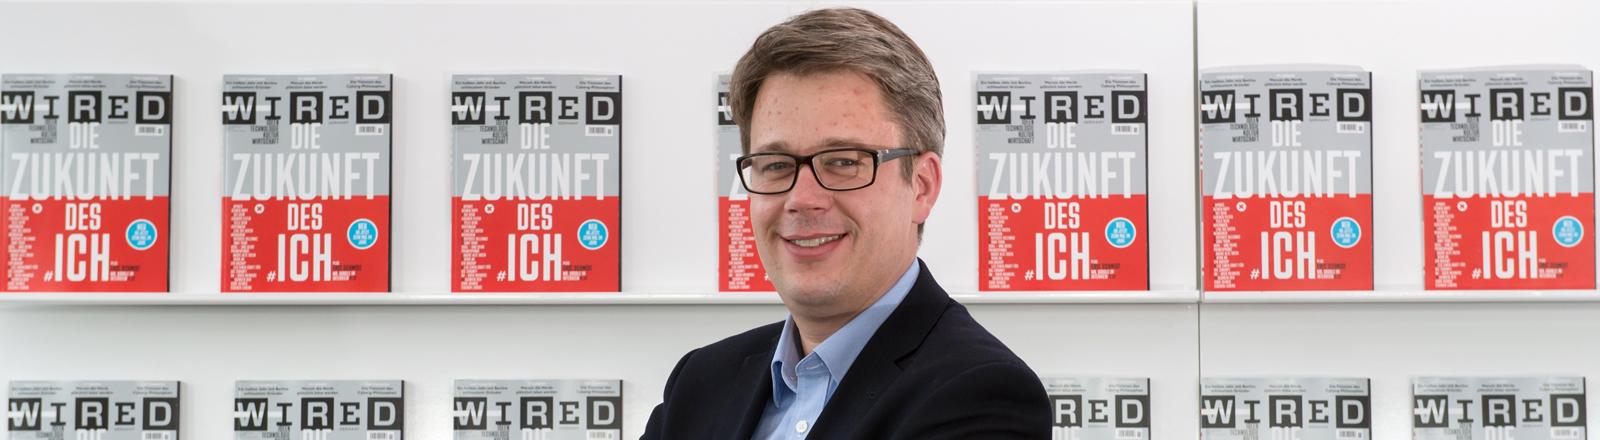 """Der Chefredakteur der Zeitschrift """"Wired Germany"""", Nikolaus Röttger, aufgenommen am 20.10.2014 in München"""